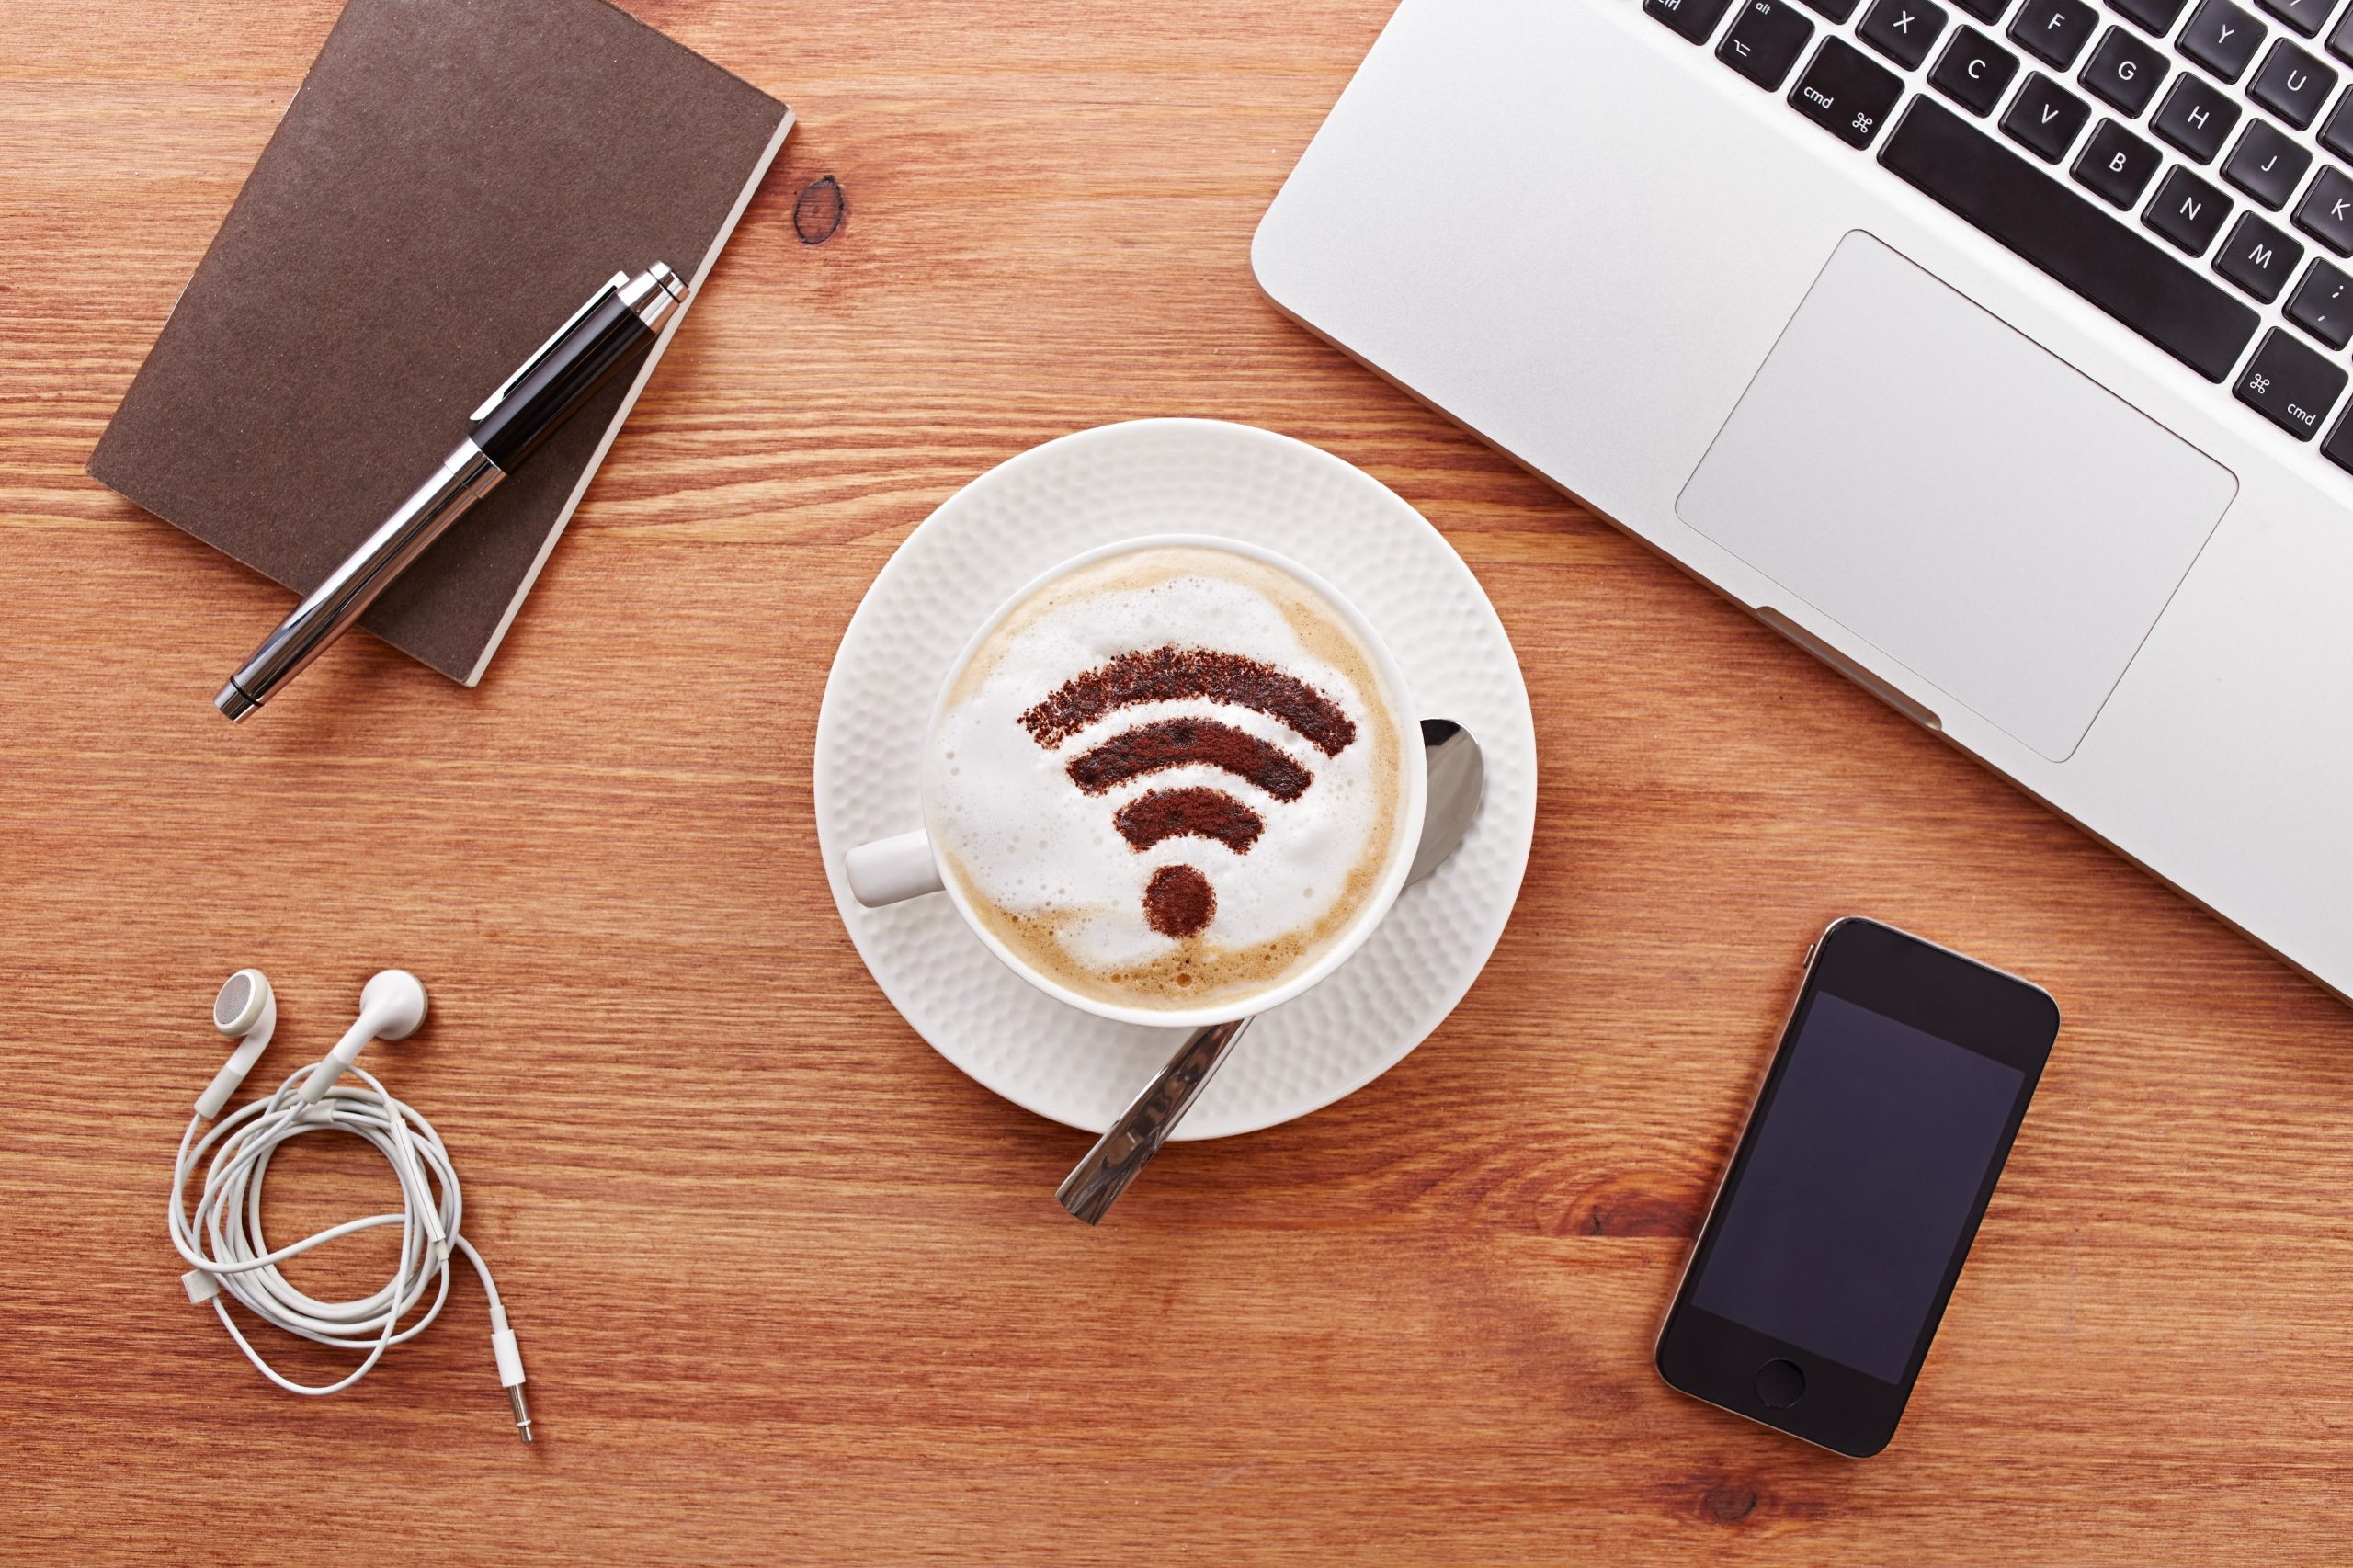 5 Cara Sederhana Mengatasi Wifi Yang Tidak Bisa Connect 5